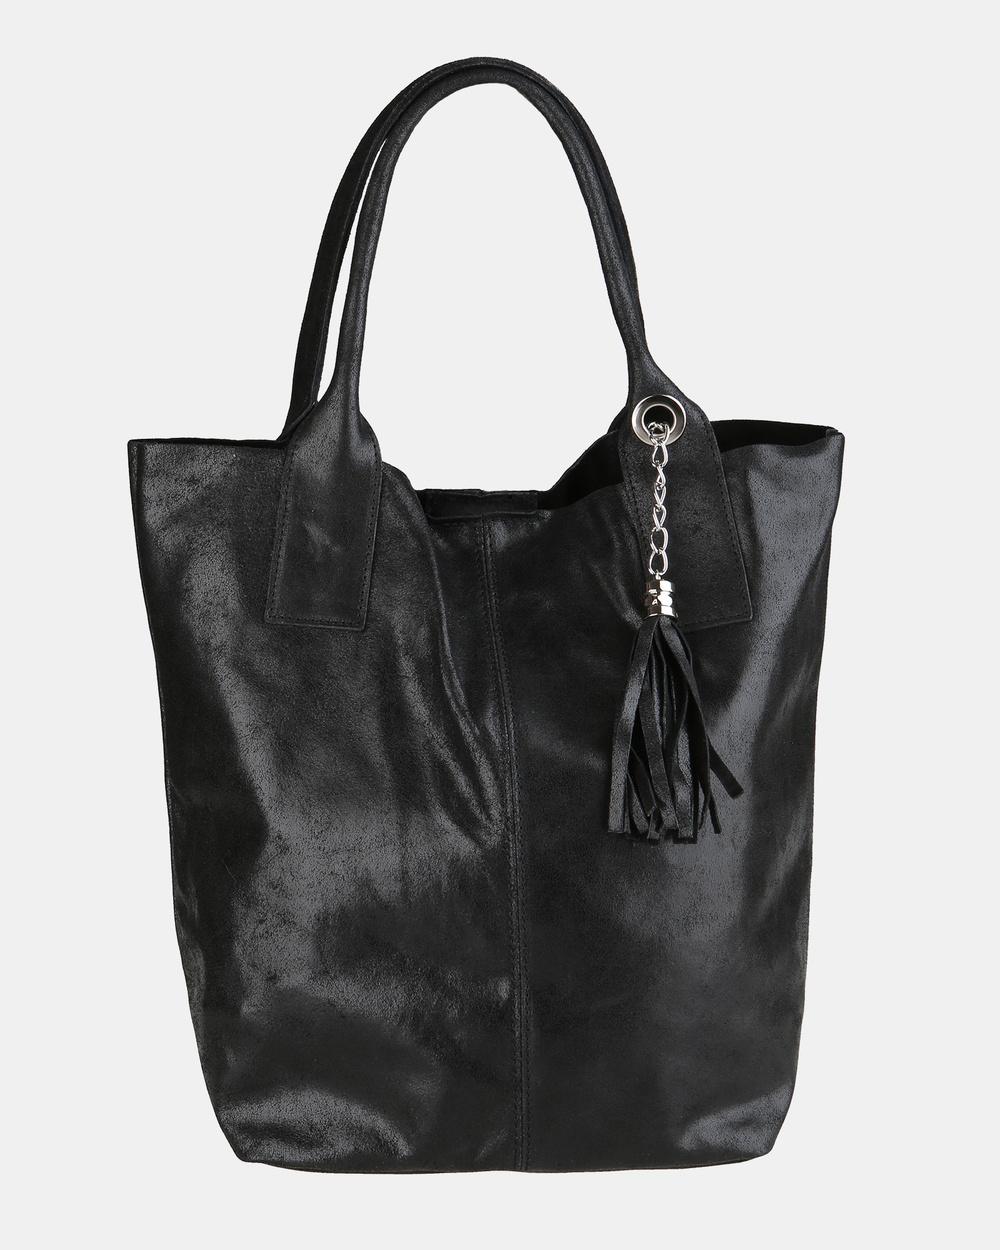 Lux Haide Marvel Oversized Hobo Bag Bags Black Leather bags Australia